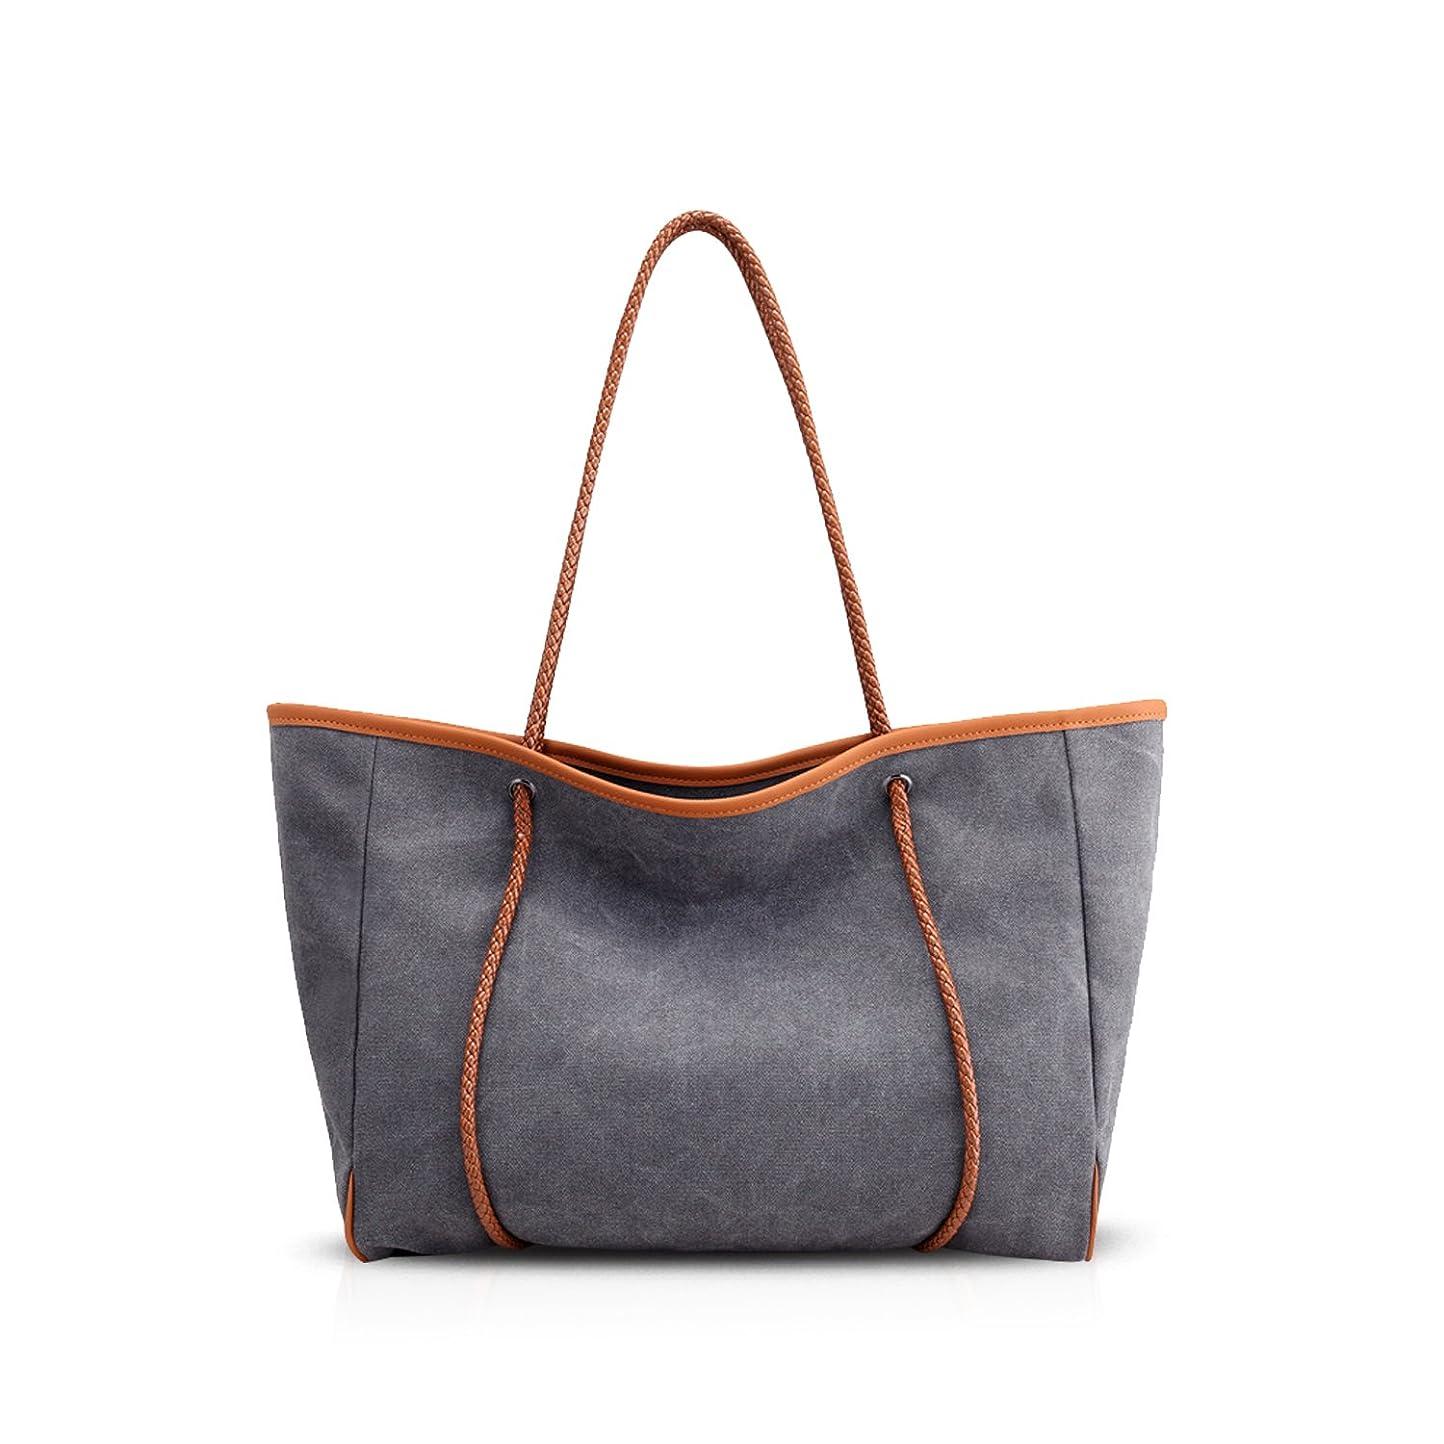 意気揚々暖炉カビNICOLE&DORIS 新しいハンドバッグ ファッション感たっぷり女性のトートバッグ シンプルスタイルショルダーバッグ レディース 大容量 キャンバス